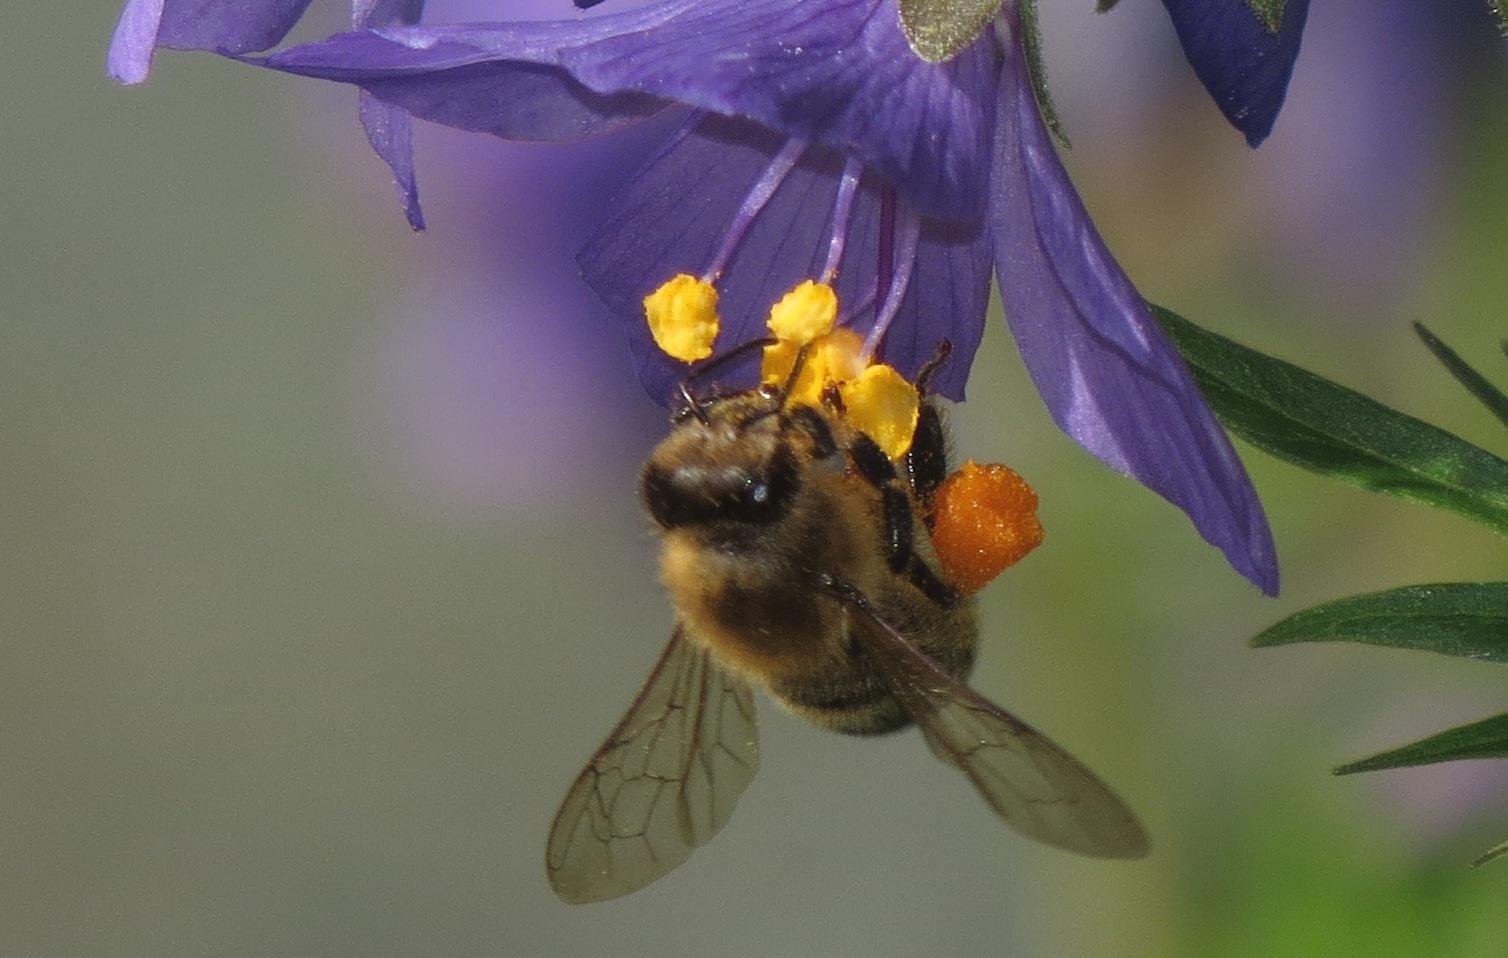 Ringve botaniske hage har også blomster fra fjellheimen, slik som dette flotte eksemplaret av fjellflokk. Der henter Trondheims bybier nektar og pollen, og flyr det tilbake til Bieffektens bikuber nede i sentrum. Foto: Tor Bollingmo.